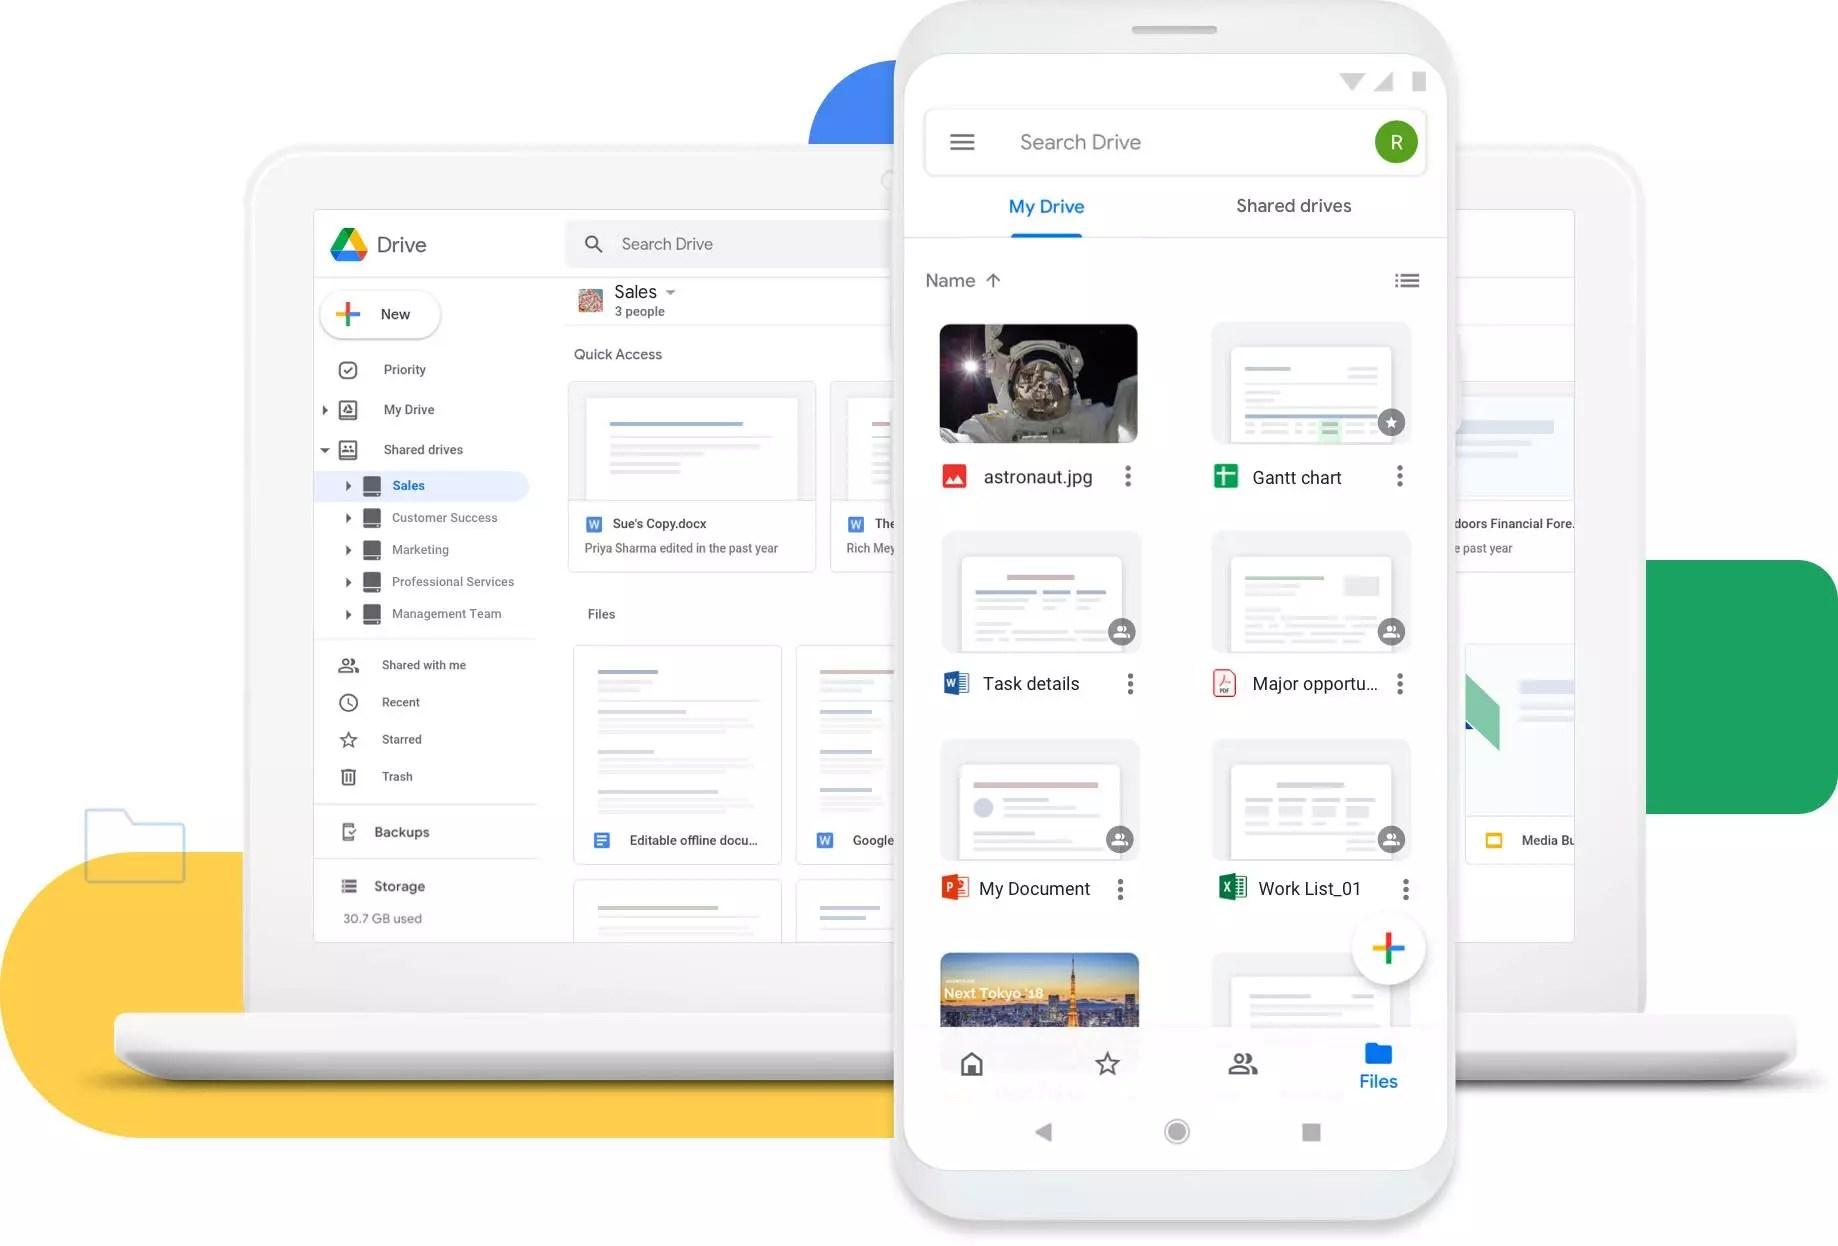 Google Drive : outil de stockage et de partage gratuit de fichiers en ligne